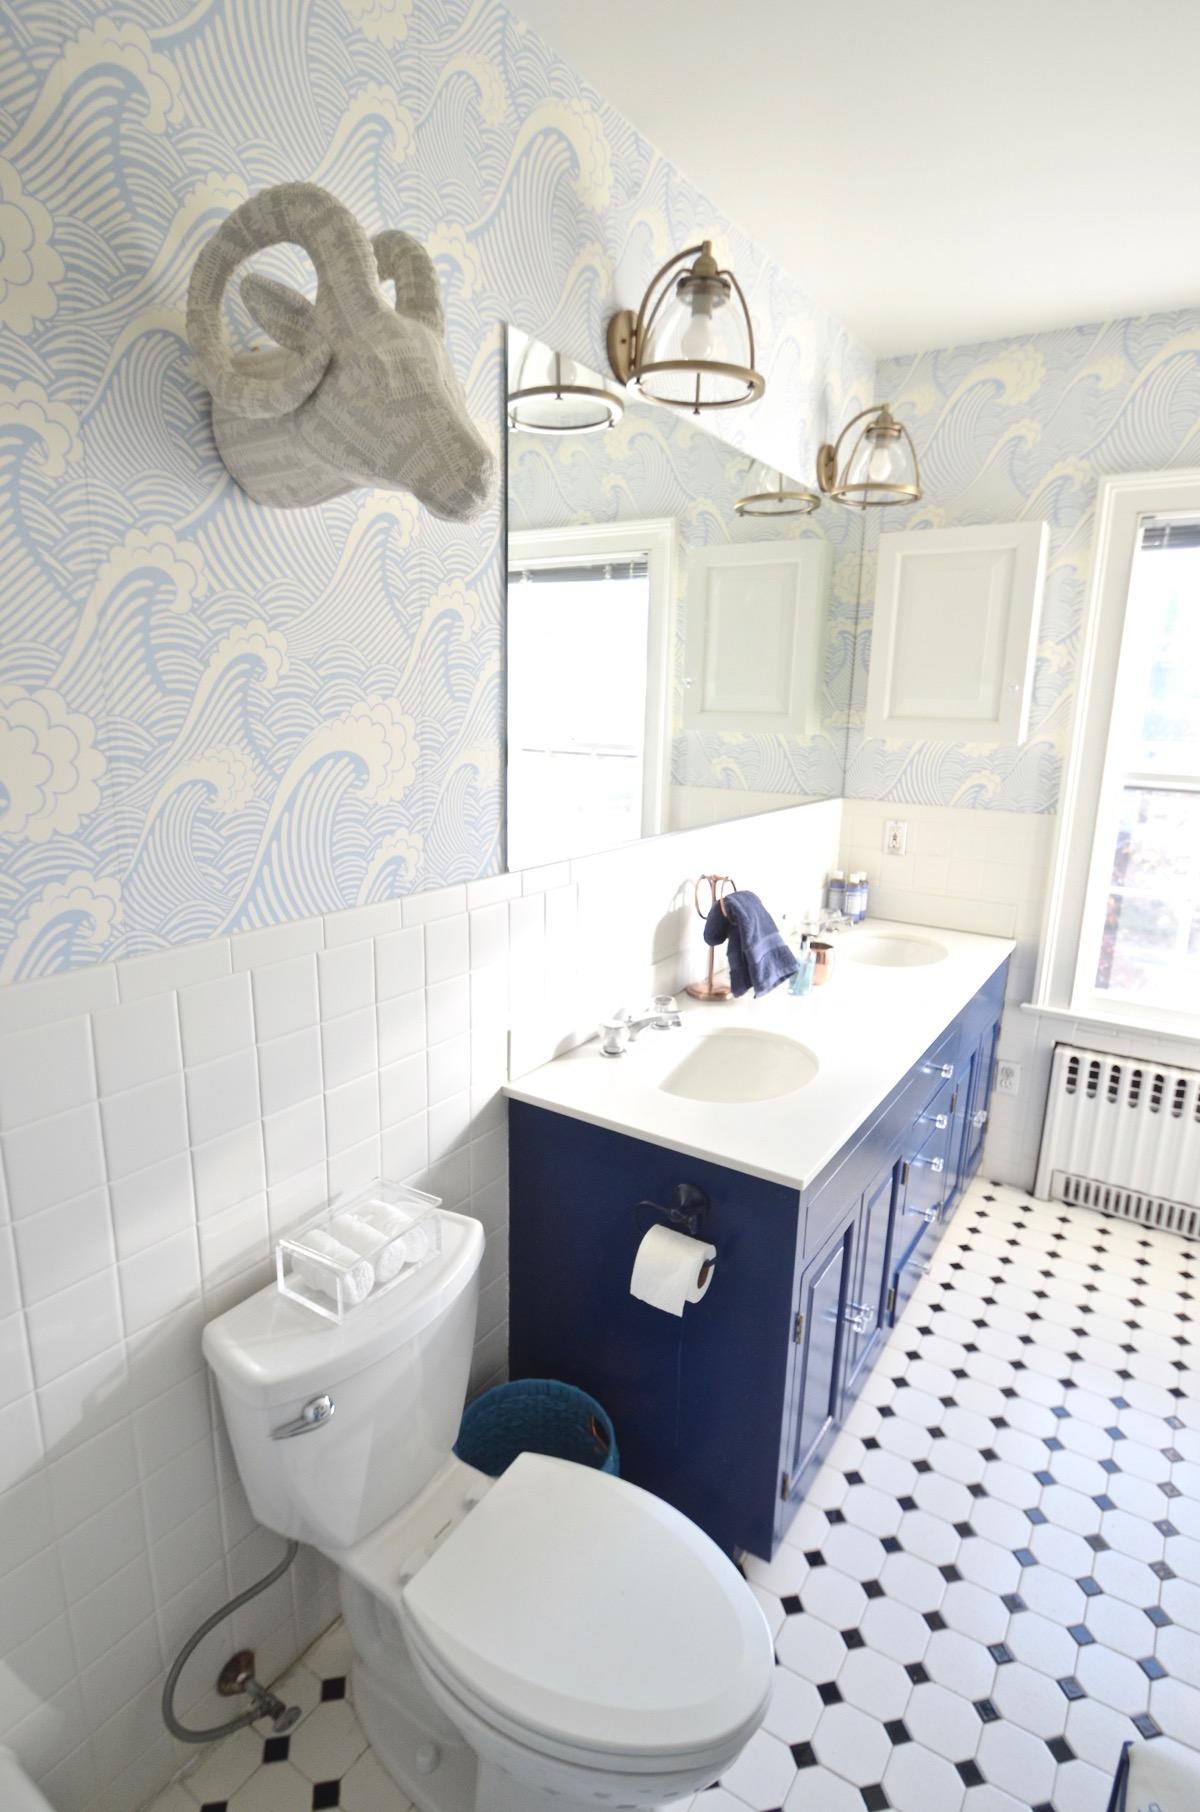 Обои в туалете с голубым рисунком